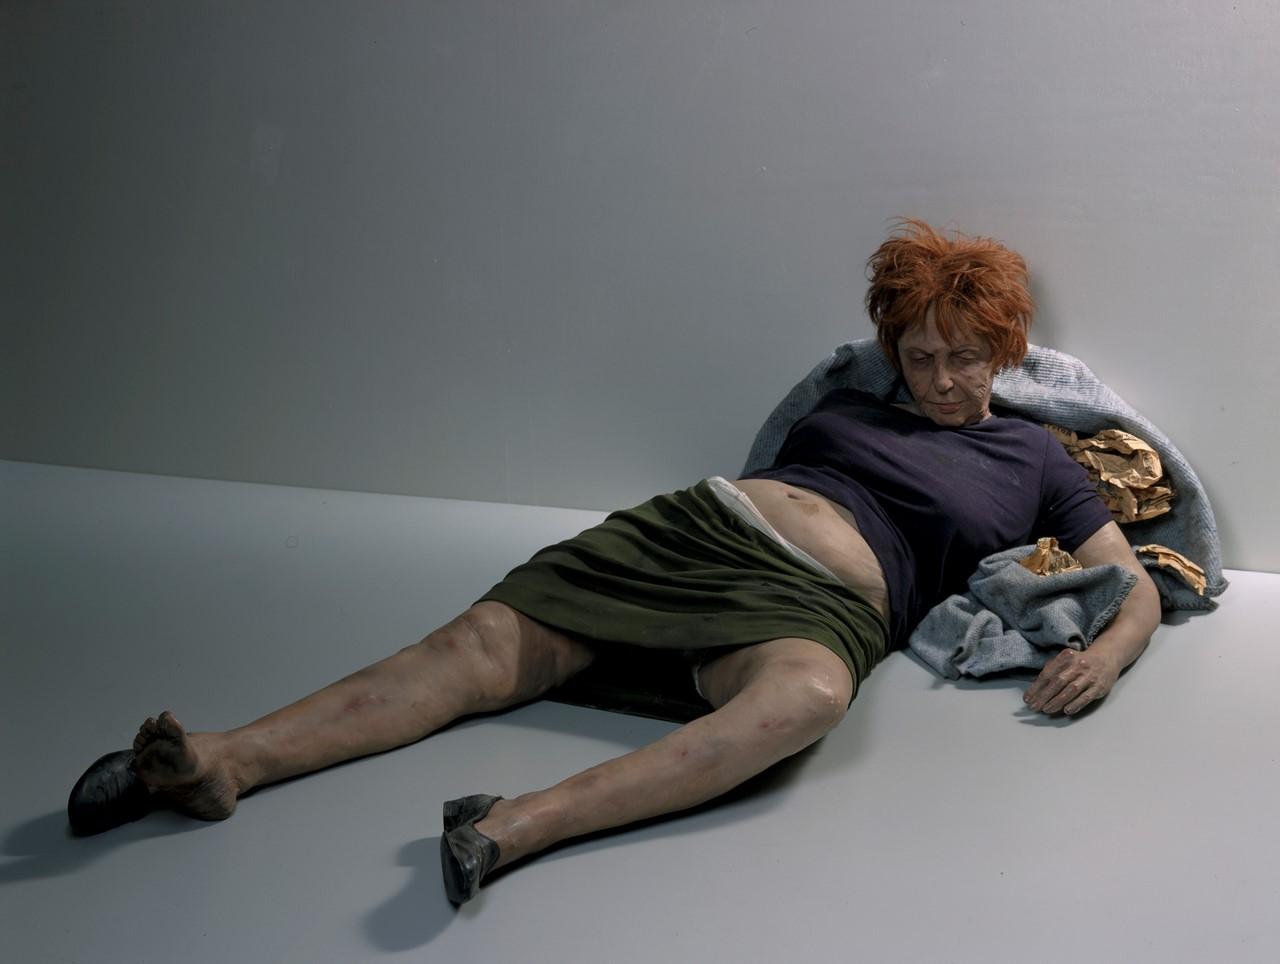 Гиперреализм в скульптурах Дуэйна Хэнсона скульптуры, гиперреализм, работы, когда, людей, Hanson, мастера, Хэнсон, Duane, выглядит, темам, Хэнсона, 1969–1971, полицейском, произволе, расизме, посвященные, Дуэйна, войны, принадлежит